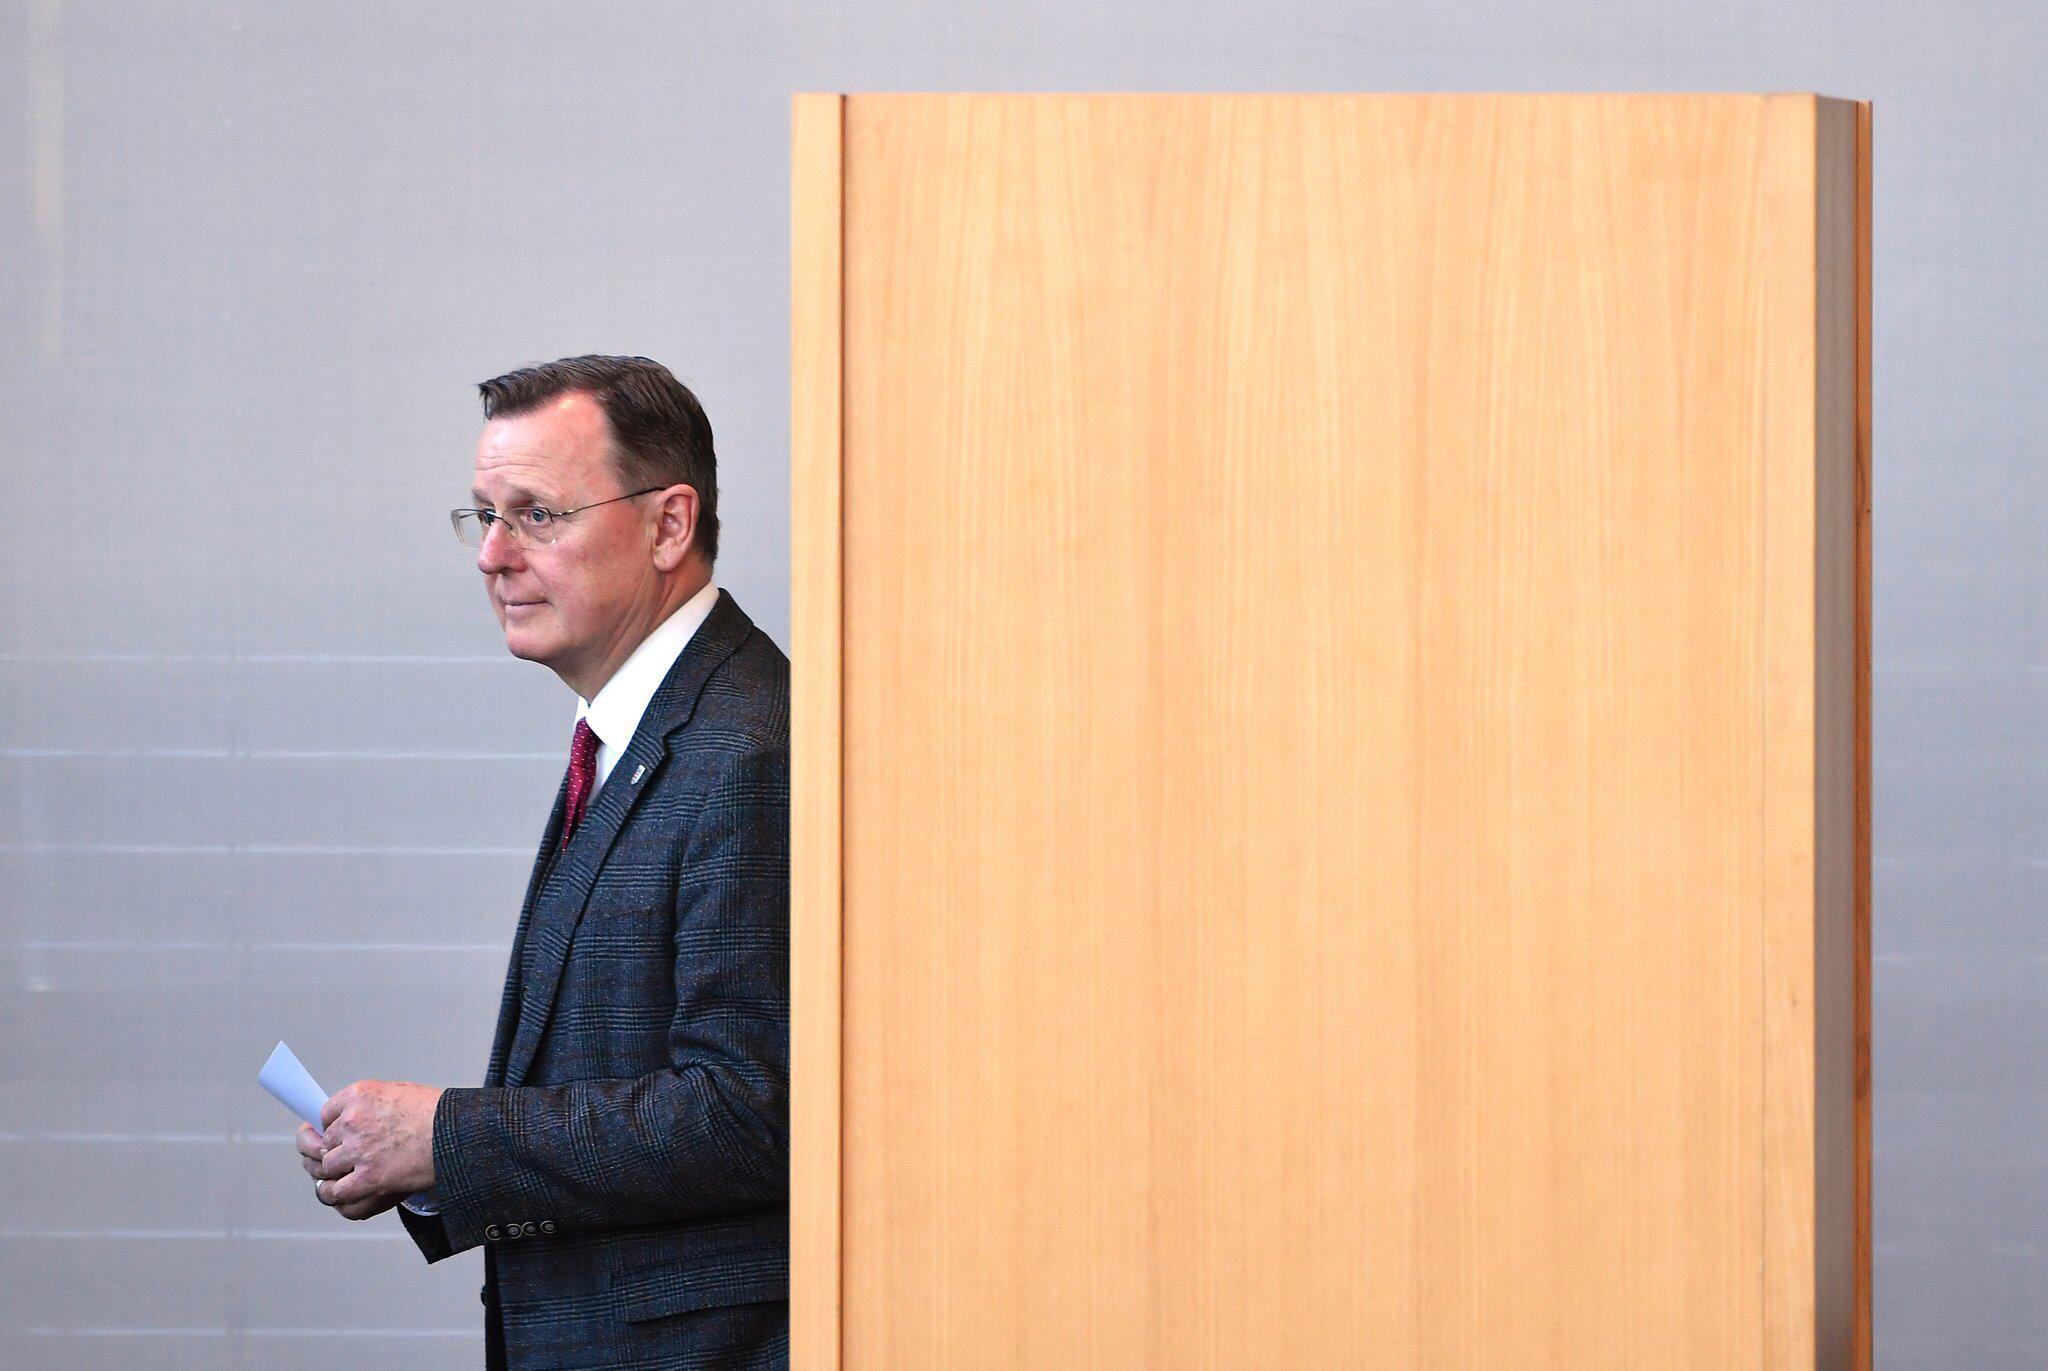 Bild zu Ministerpräsidentenwahl in Thüringen